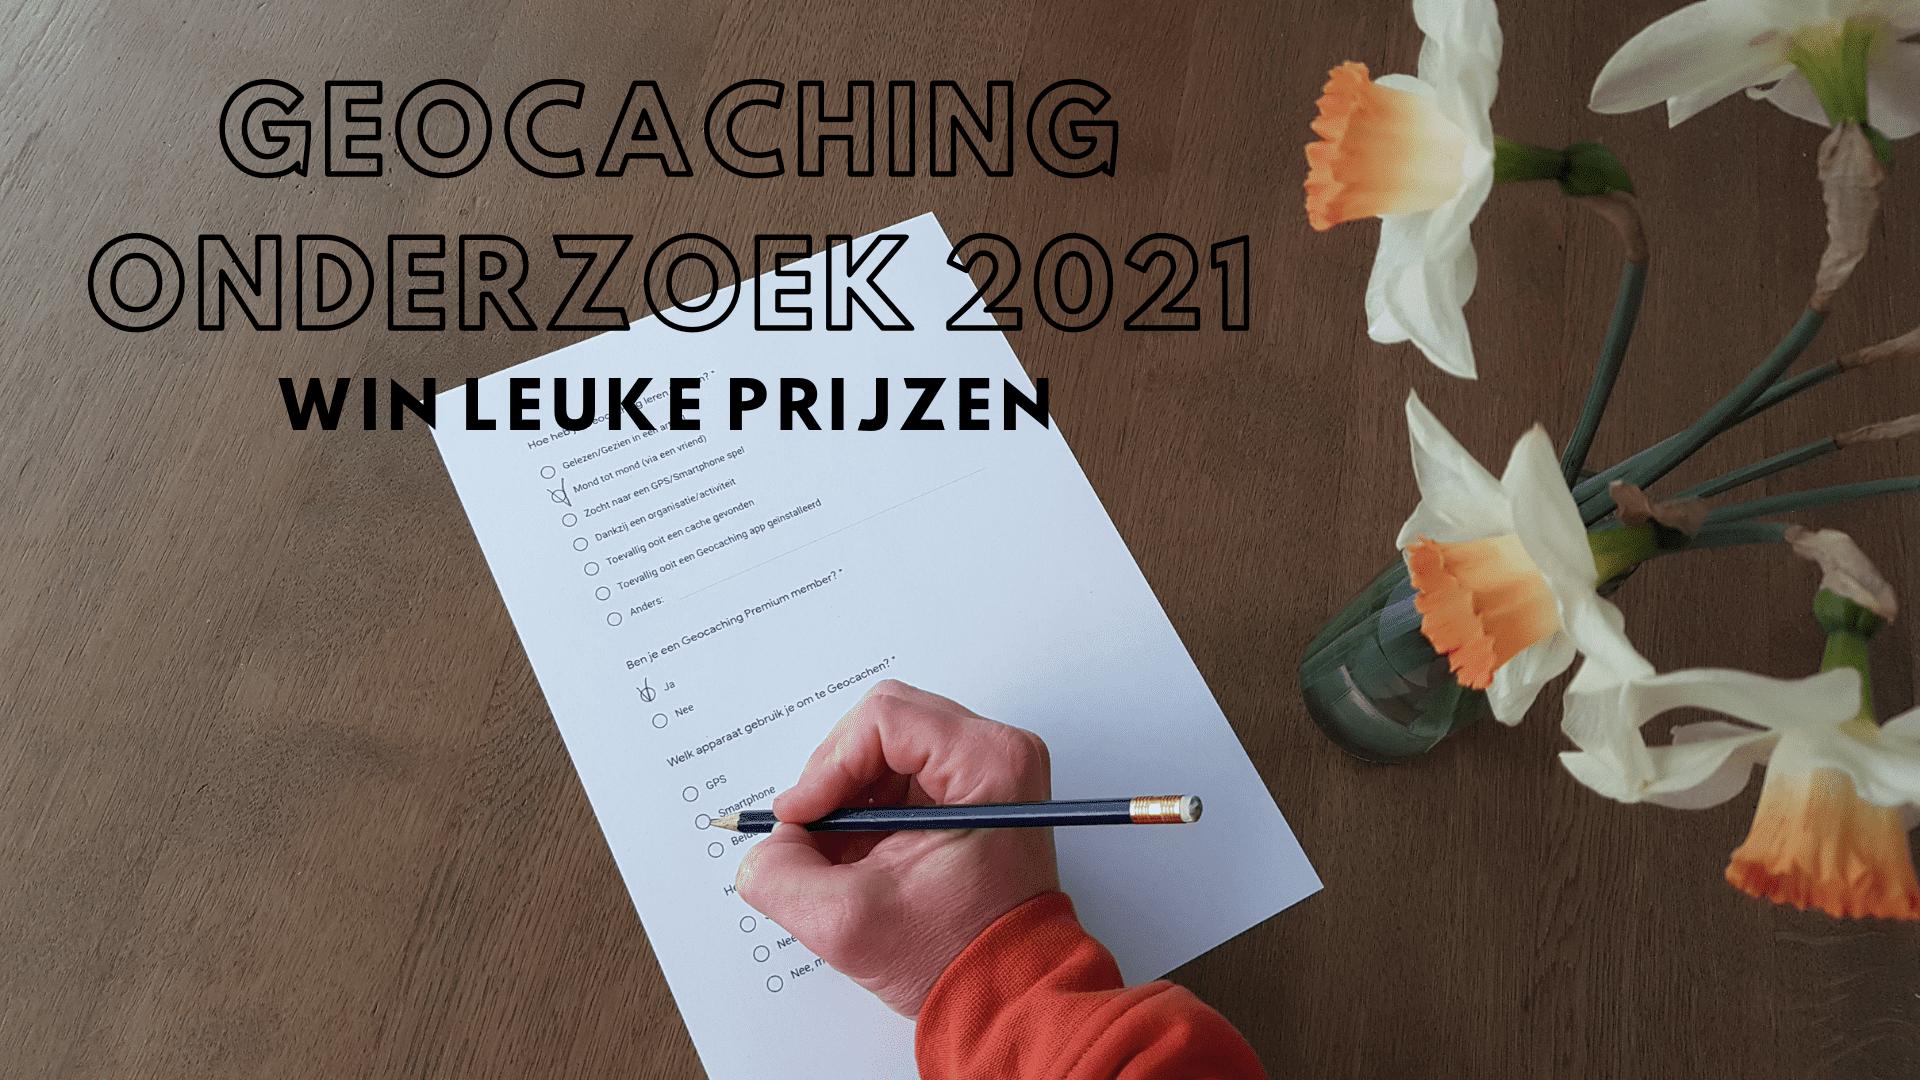 Geocaching Onderzoek 2021